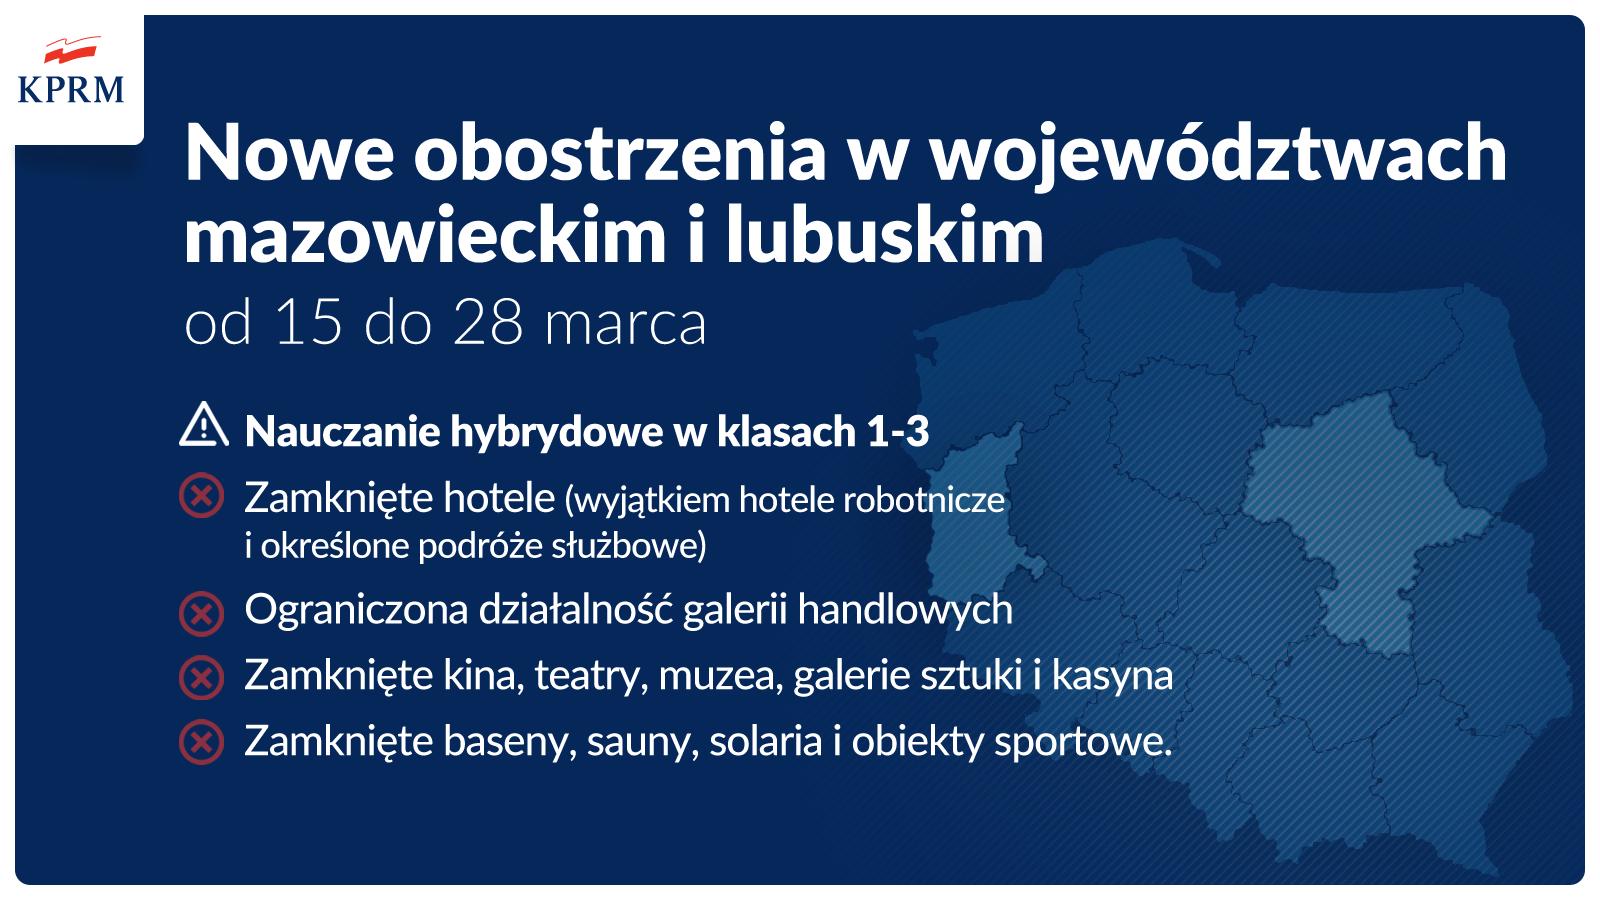 Lubuskie - 15 - 28 marca zamknięte hotele, kina, teatry, muzea, galerie sztuki, baseny, sauny, solaria, obiekty sportowe, ograniczona działalność galerii handlowych